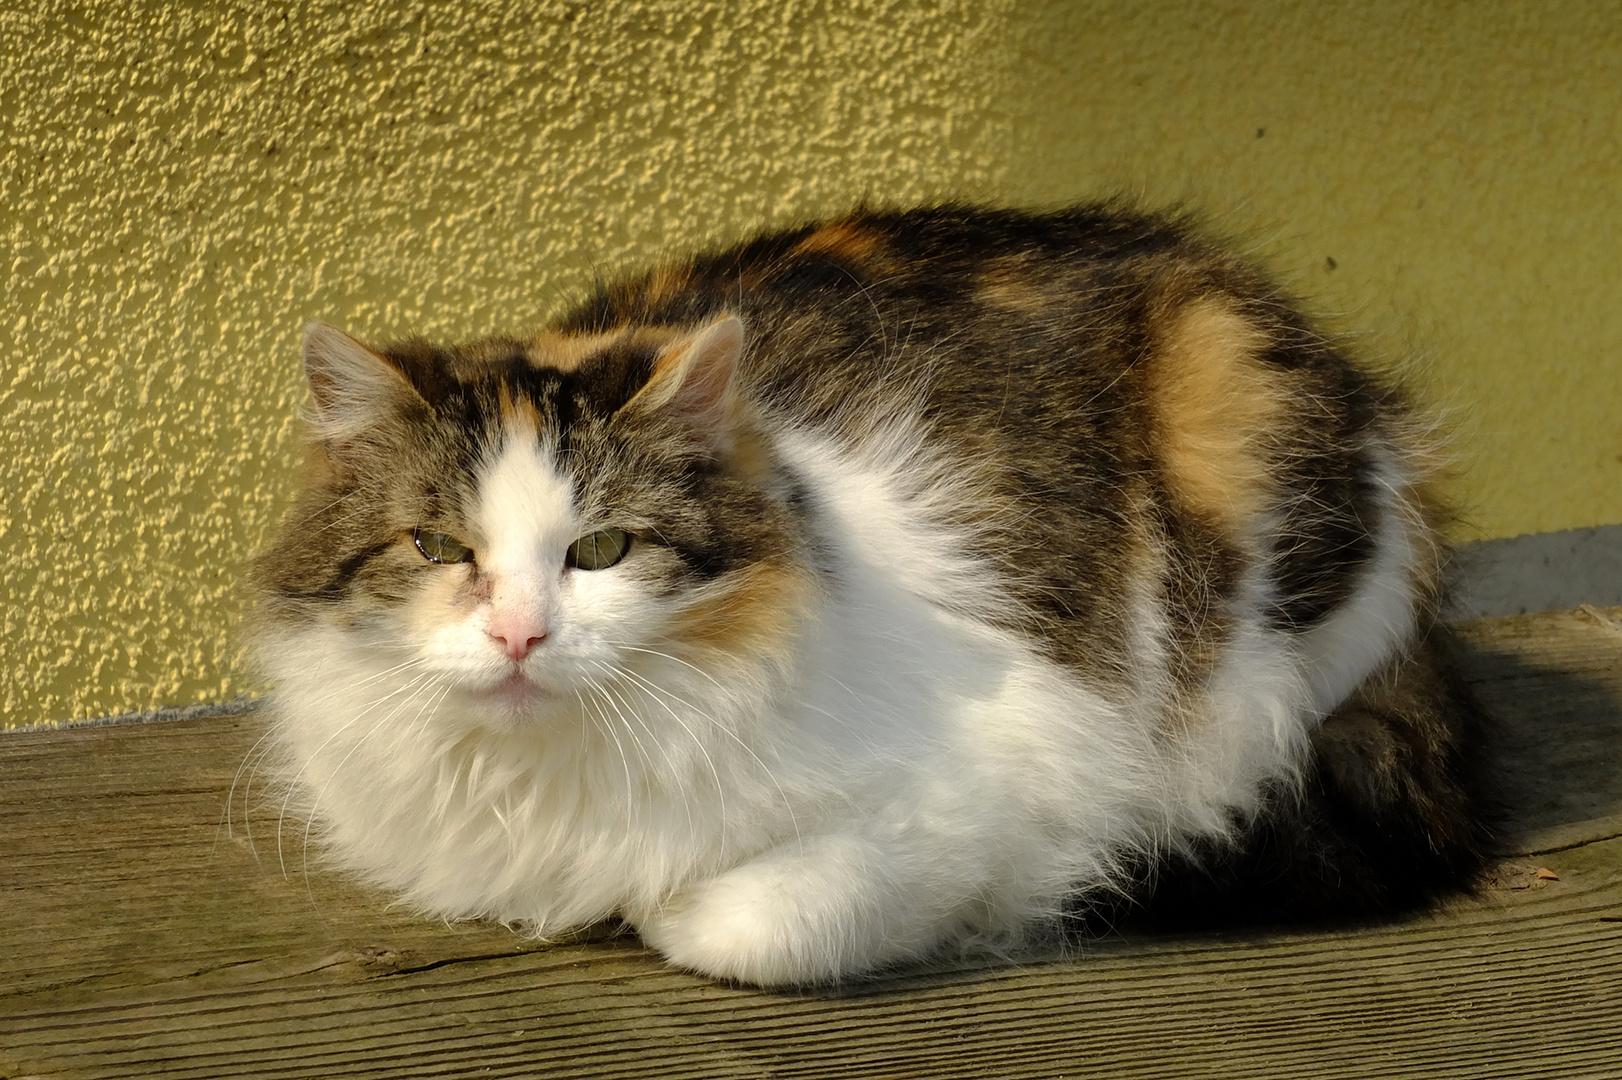 Katze in Glück auf der Lauer....